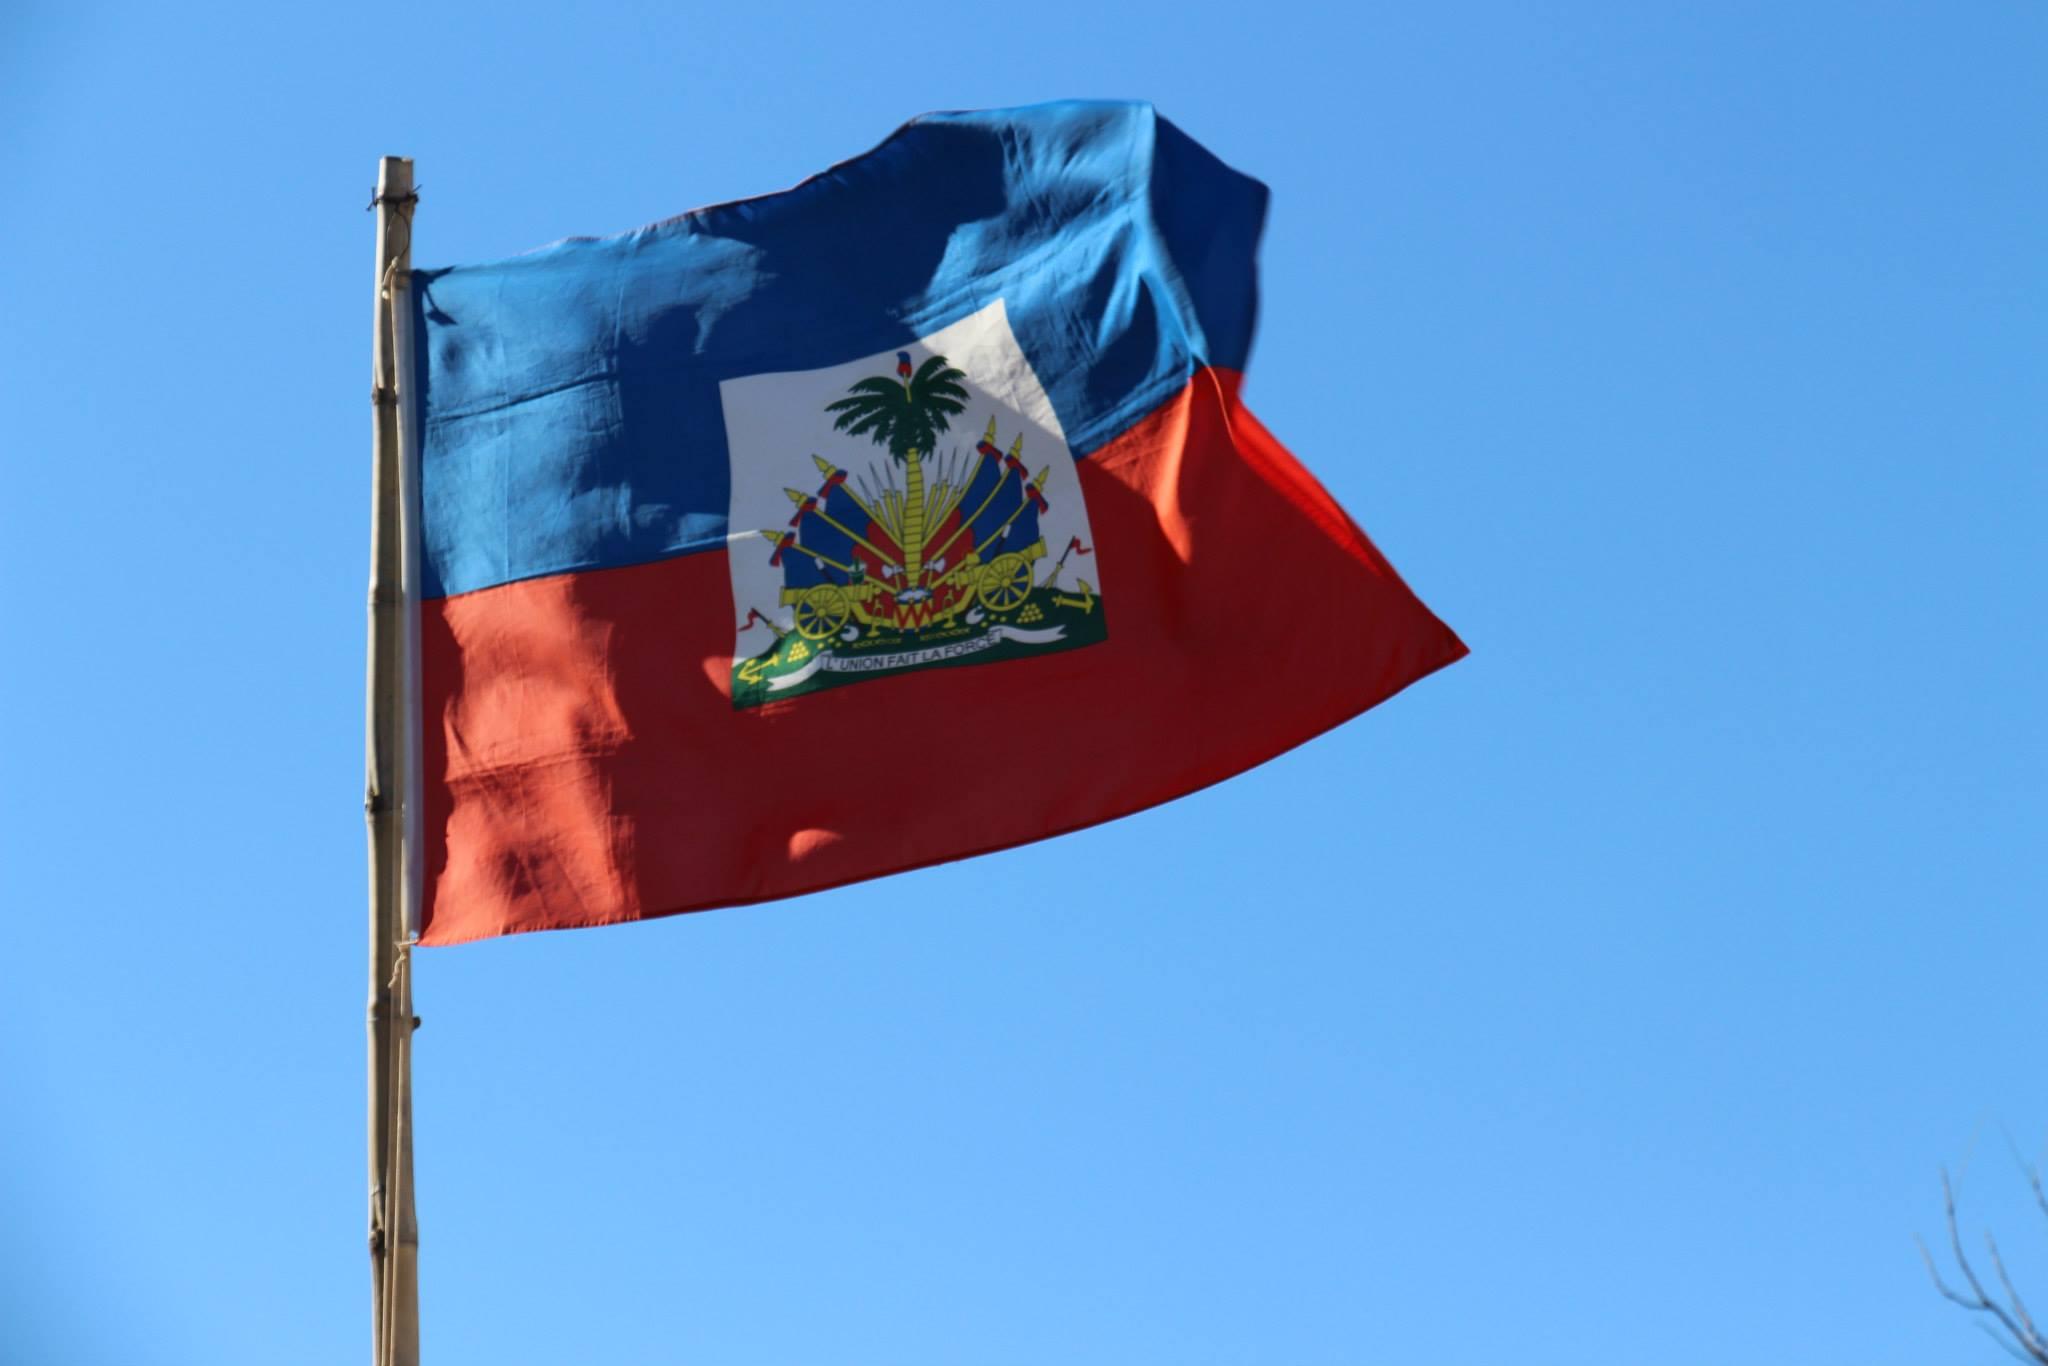 Haiti: flooding, constitutional upheaval